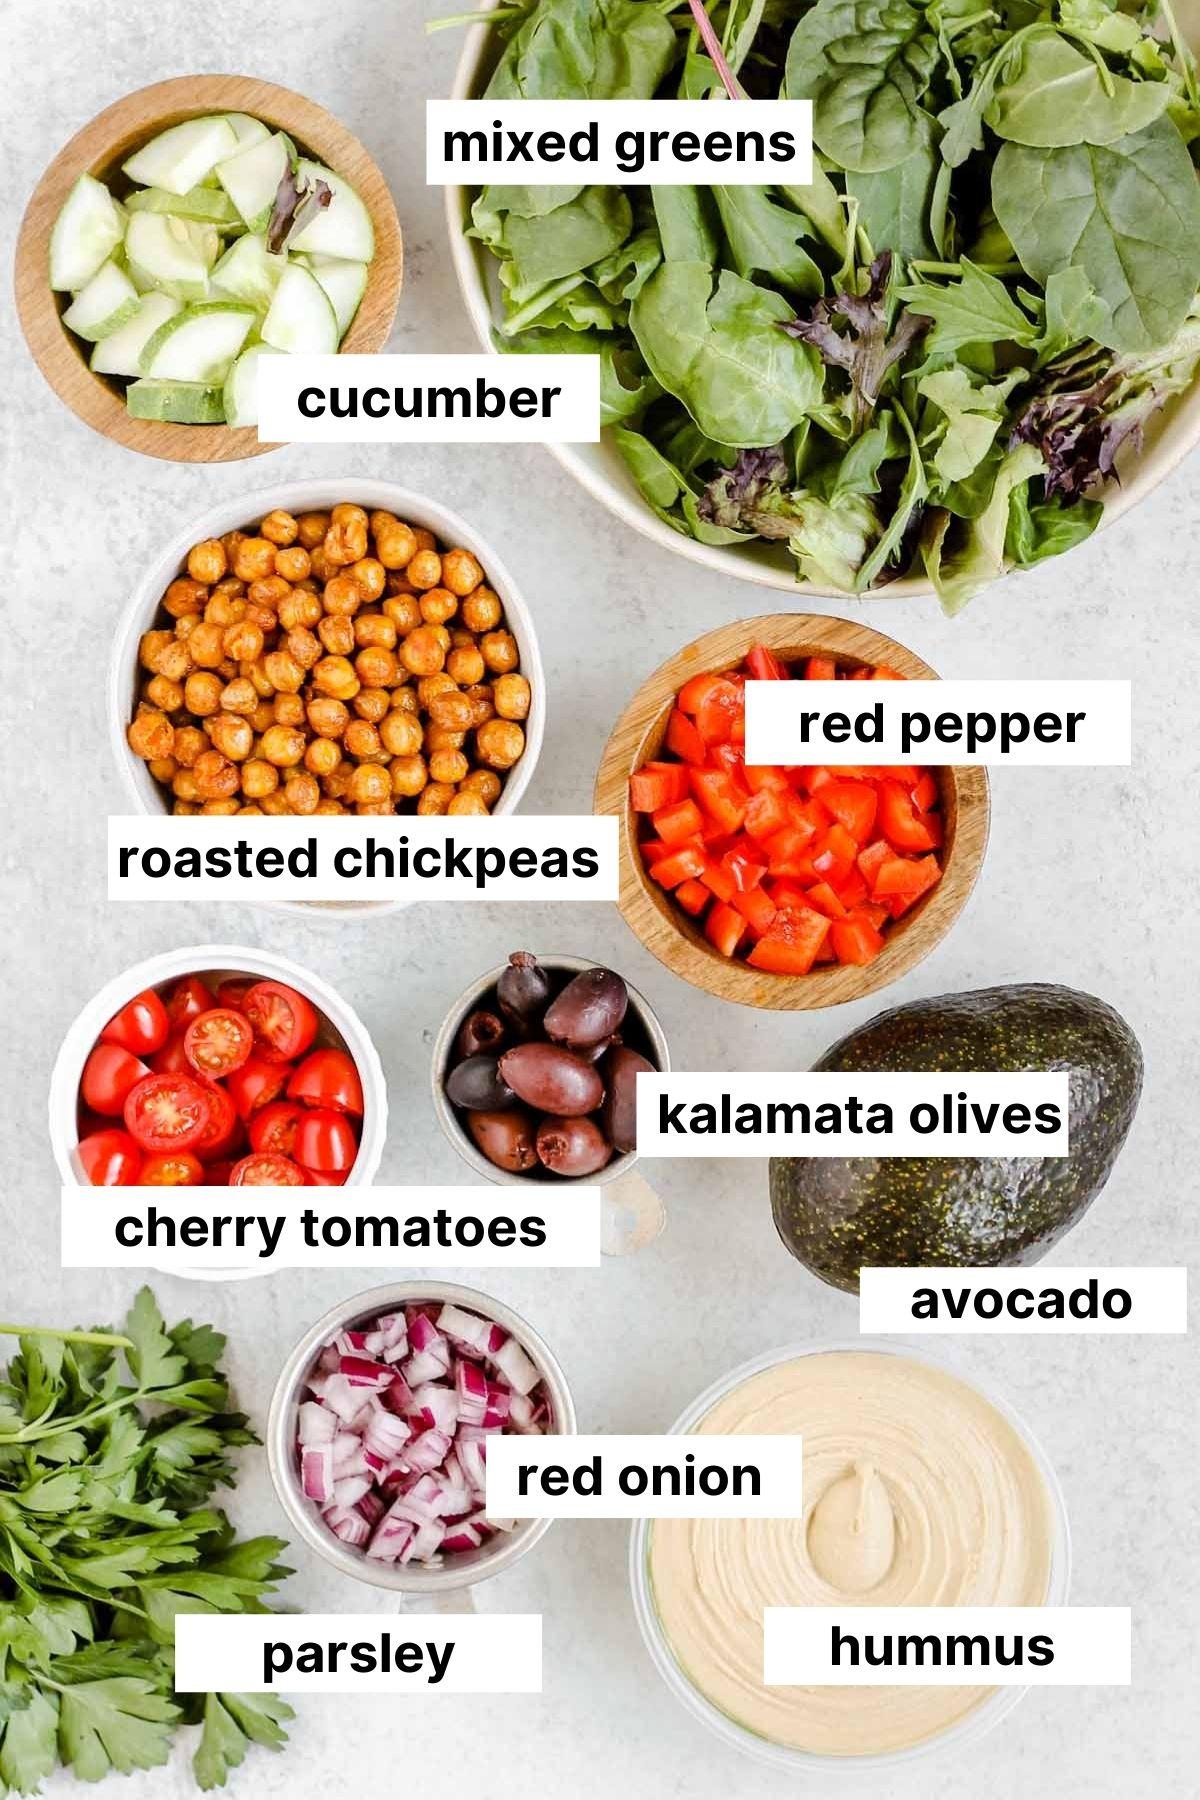 Labeled ingredients used in Mediterranean bowls.